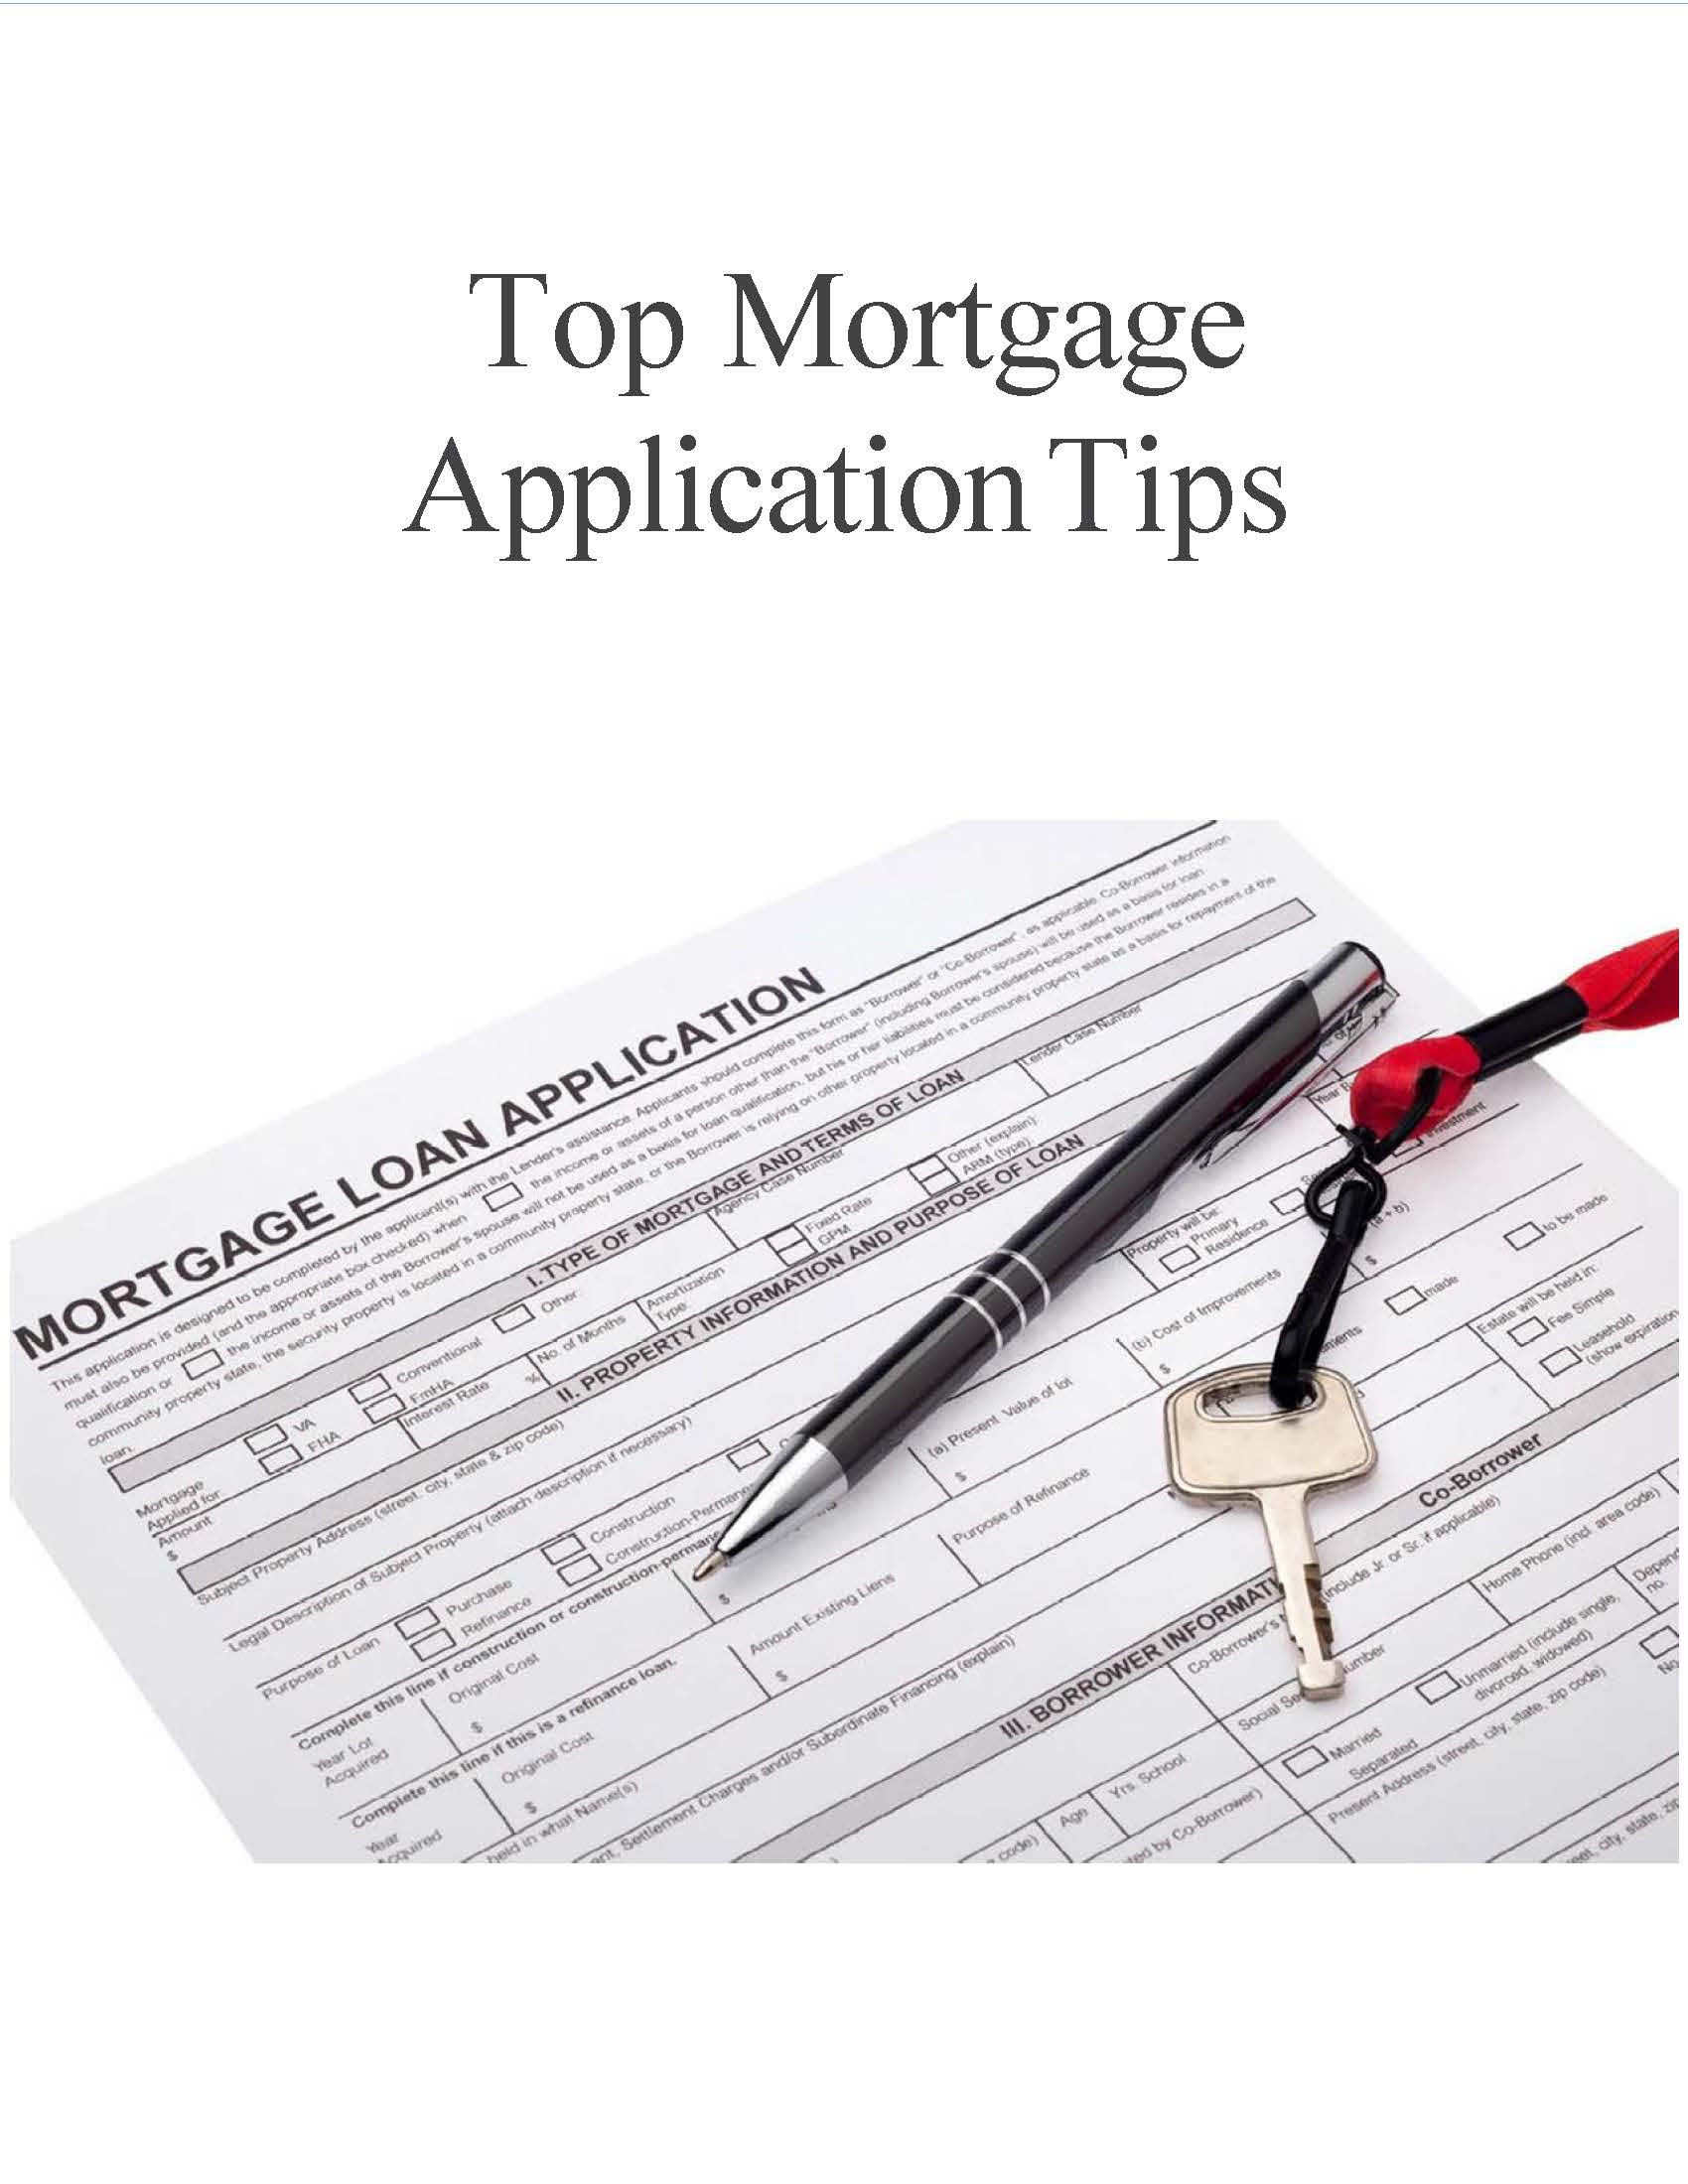 VA Loan Application